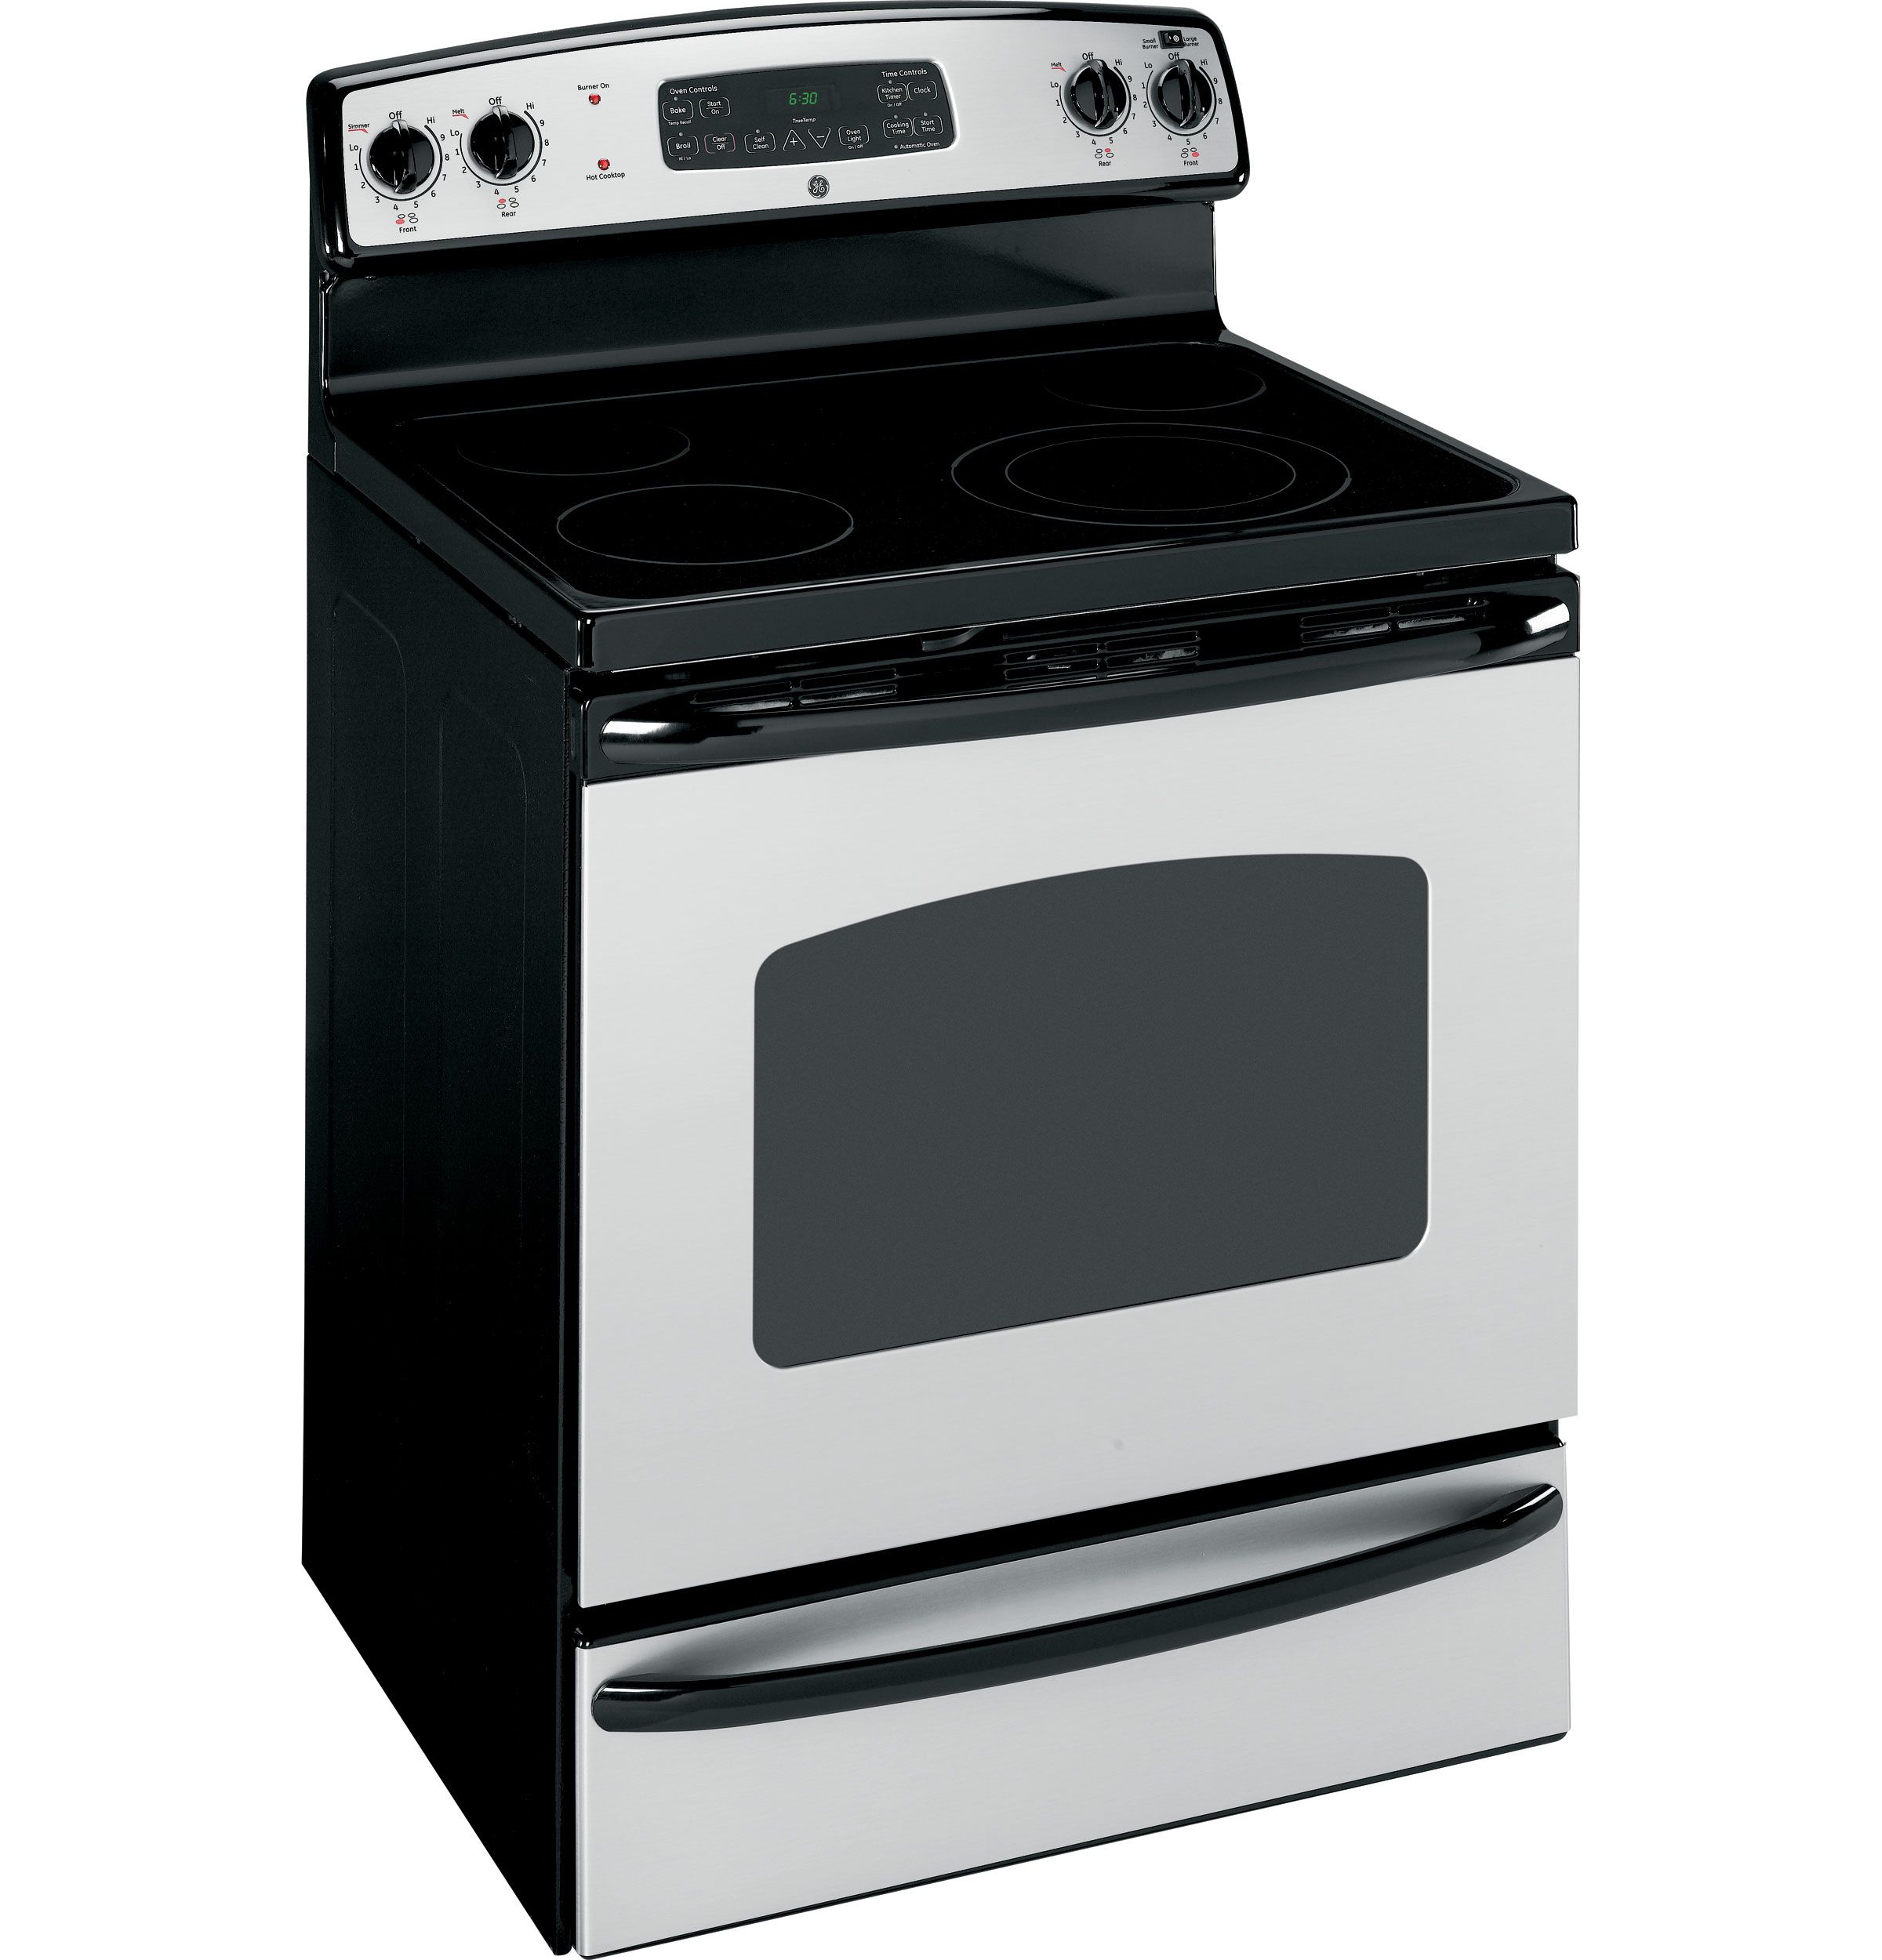 Ge 30 Free Standing Electric Range Jbp66mnbs Freestanding Electric Ranges Buying Appliances Self Cleaning Ovens